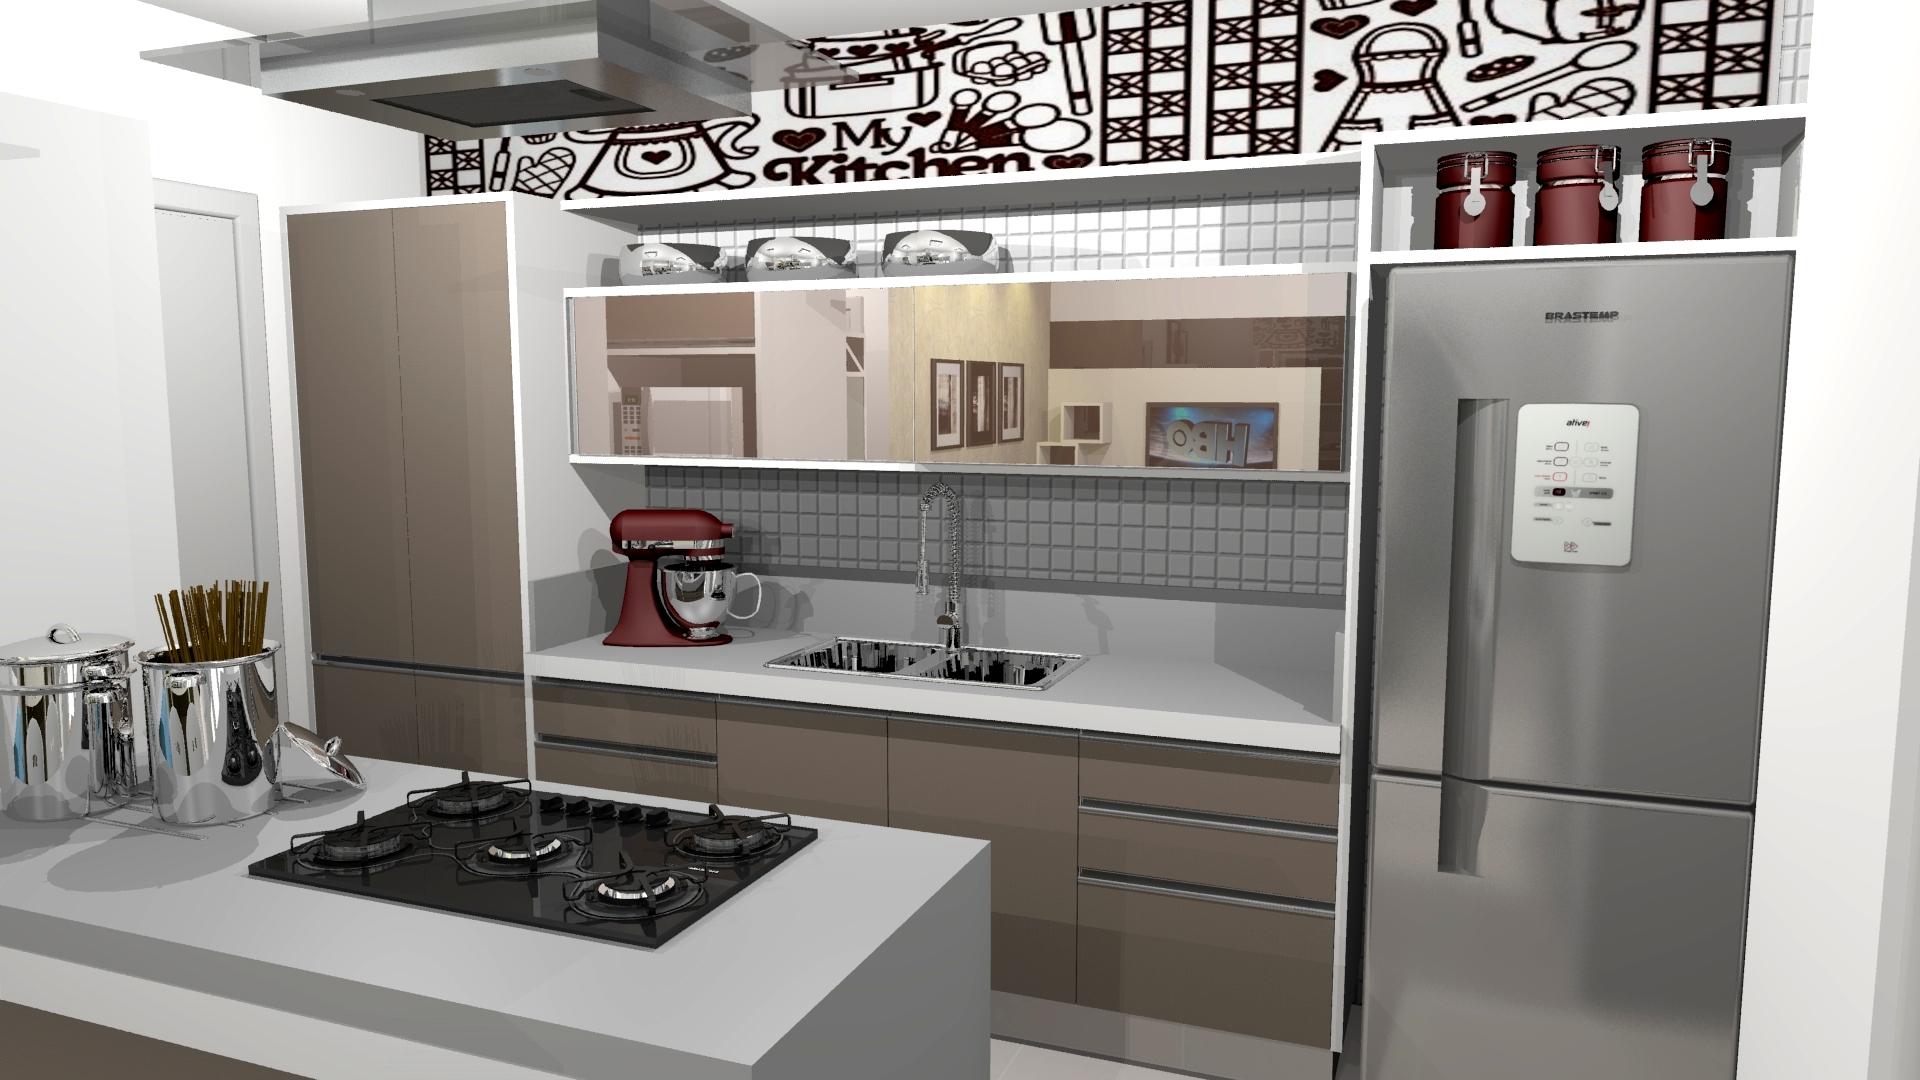 Projeto arquitetura design interiores apartamento 100m2 for Interiores de apartamentos